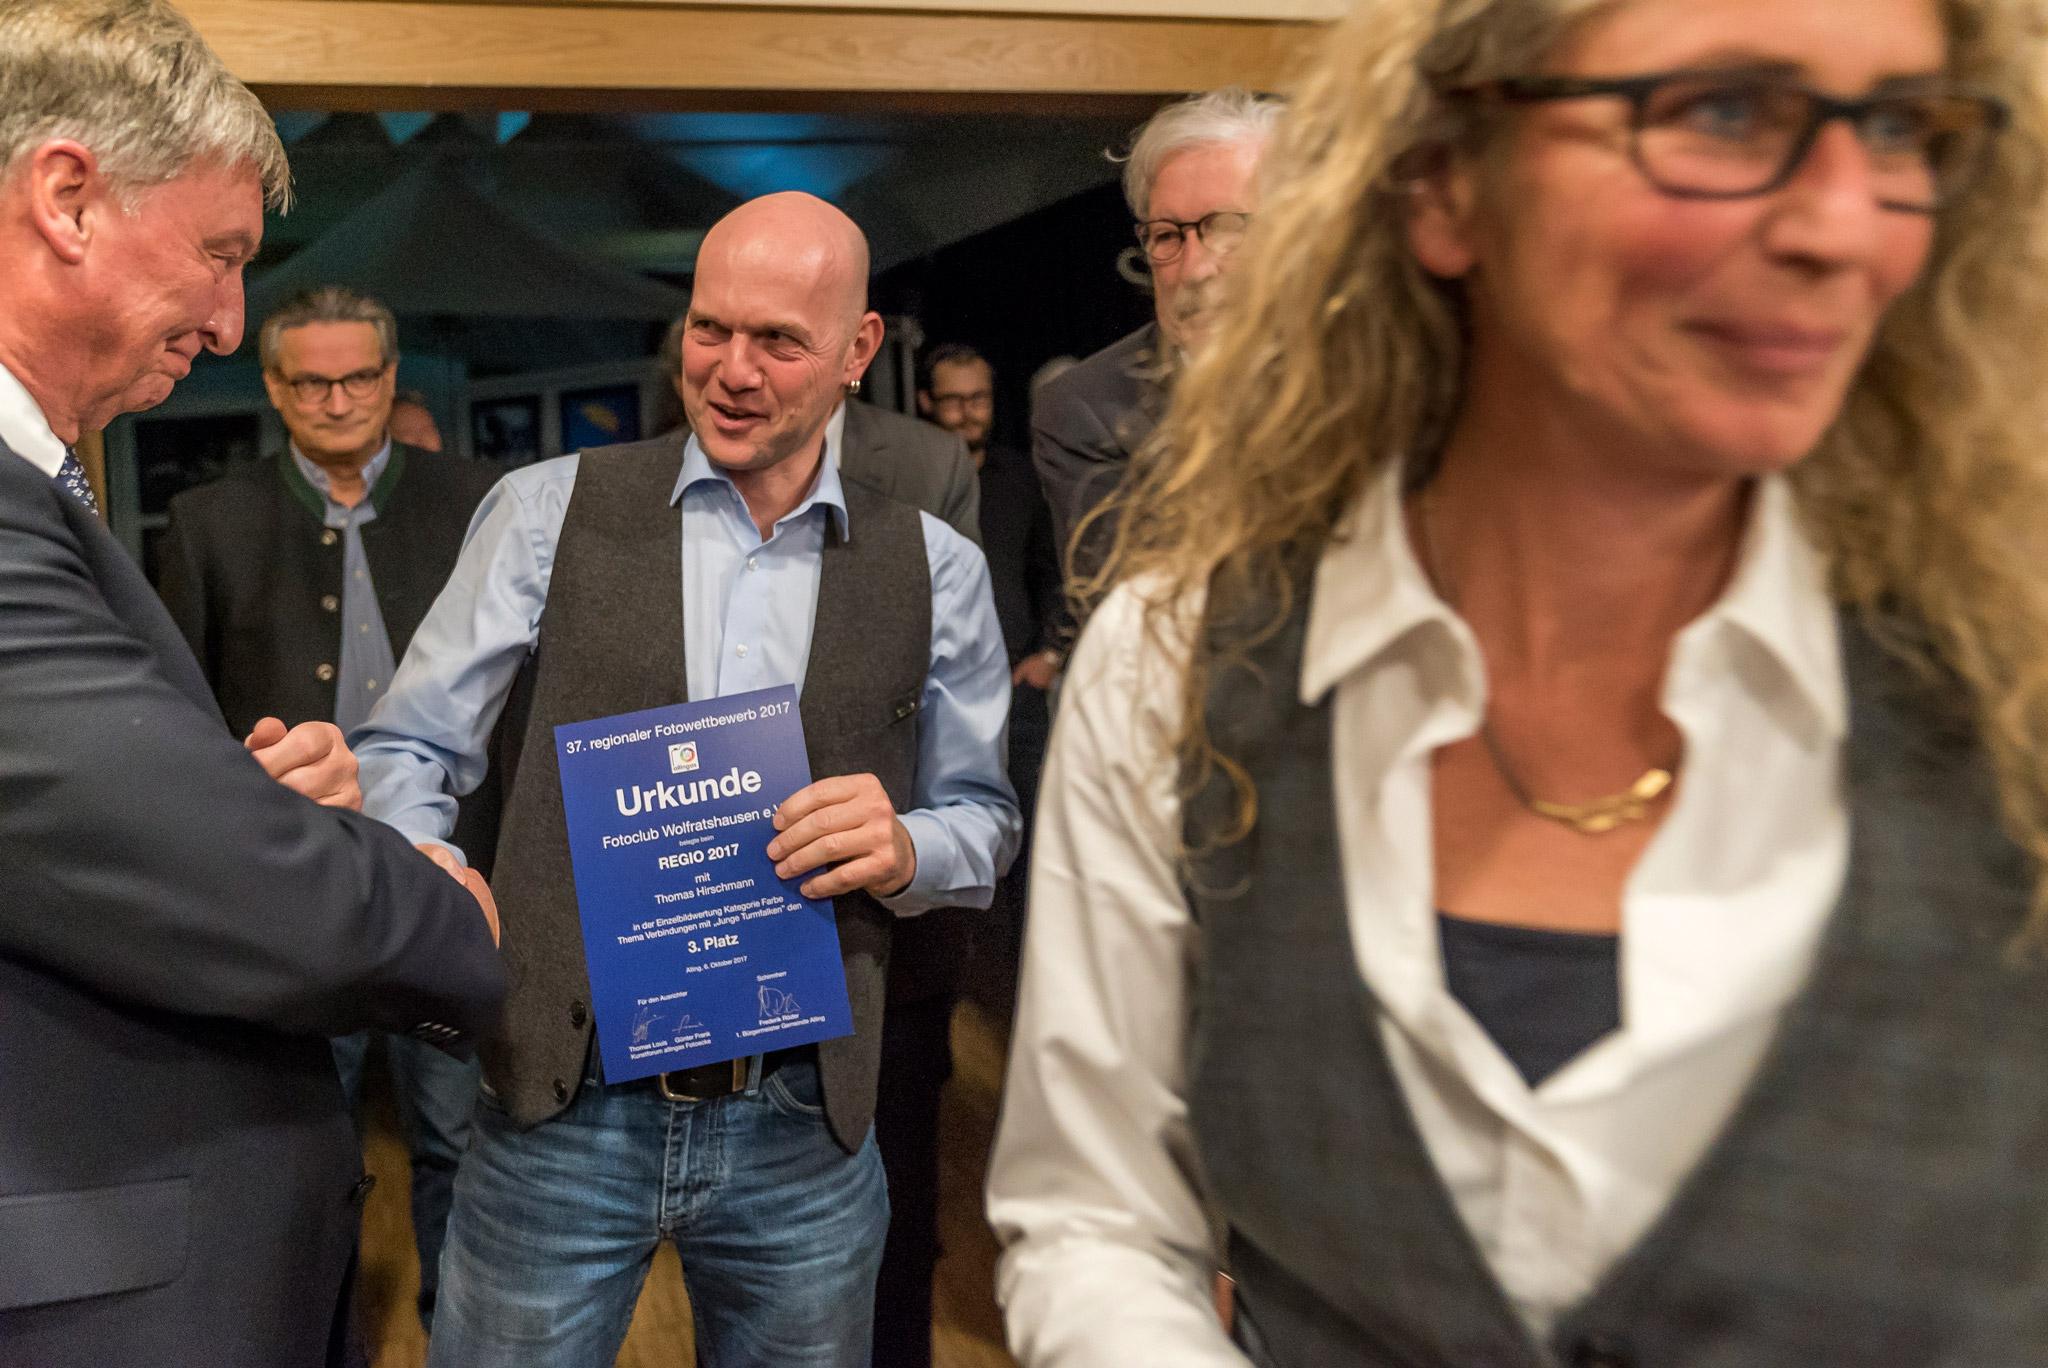 Regio 2017: 1. Bürgermeister Frederik Röder gratuliert Thomas Hirschmann